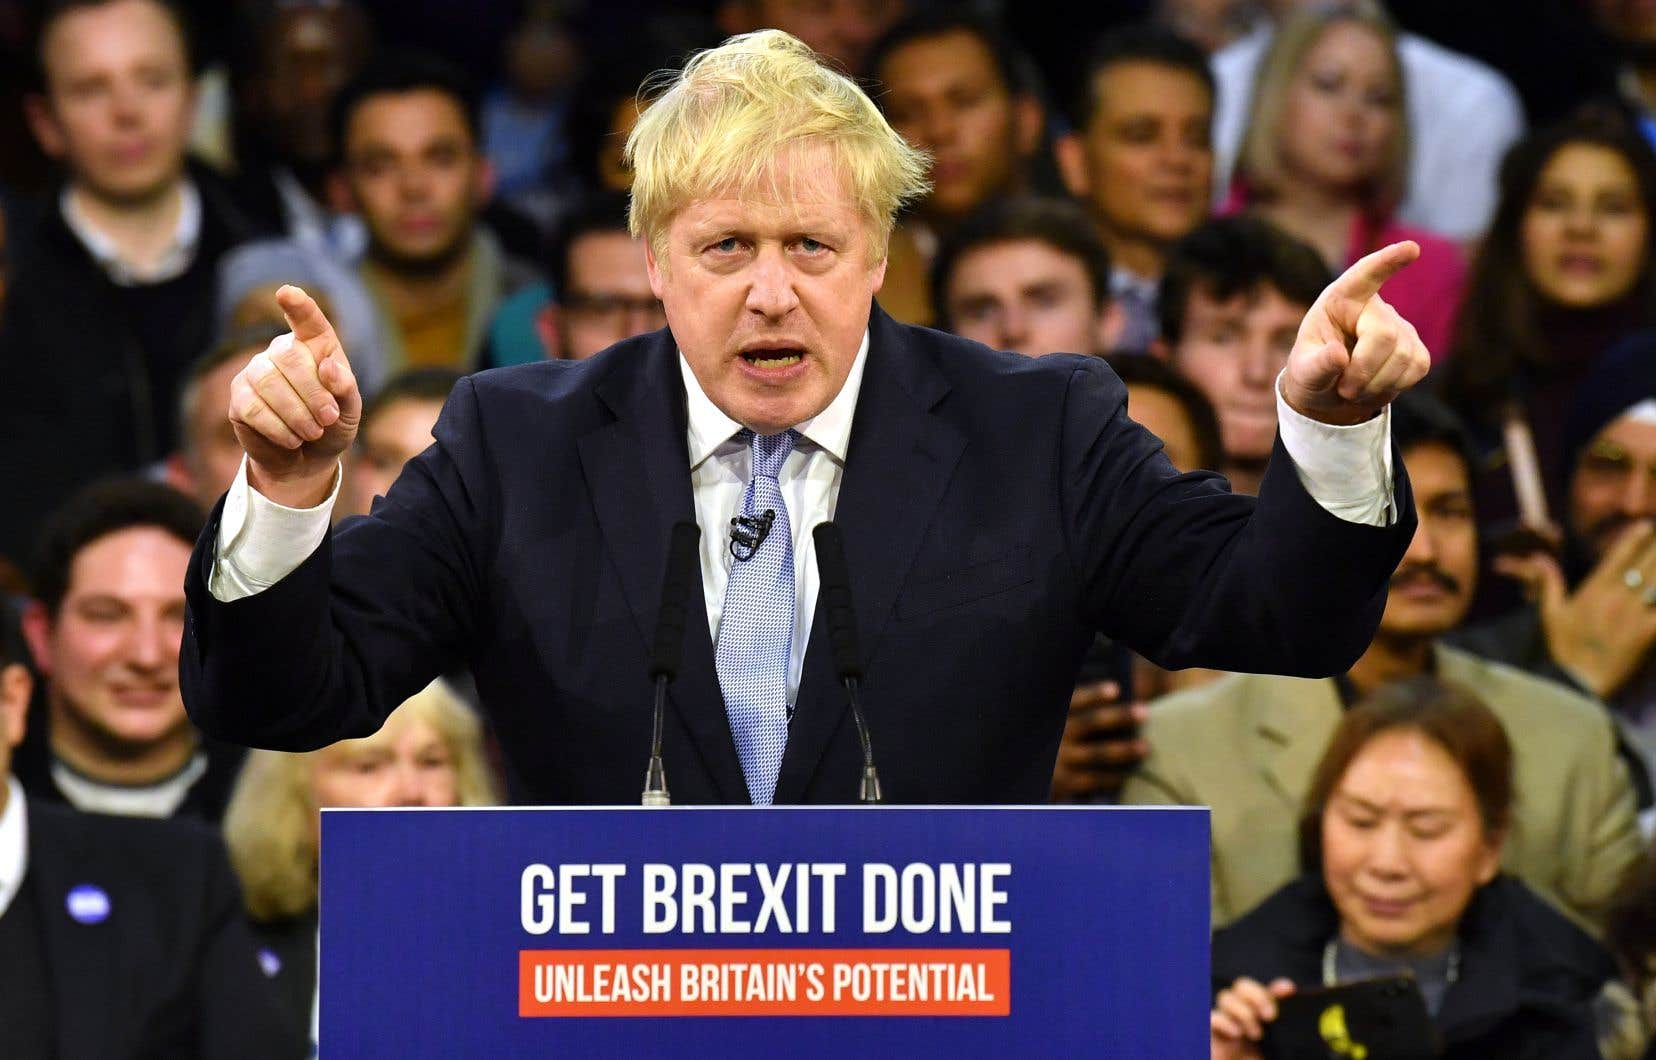 Le raz-de-marée conservateur, mené par Boris Johnson, a mis jeudi soir sens dessus dessous le paysage politique britannique.